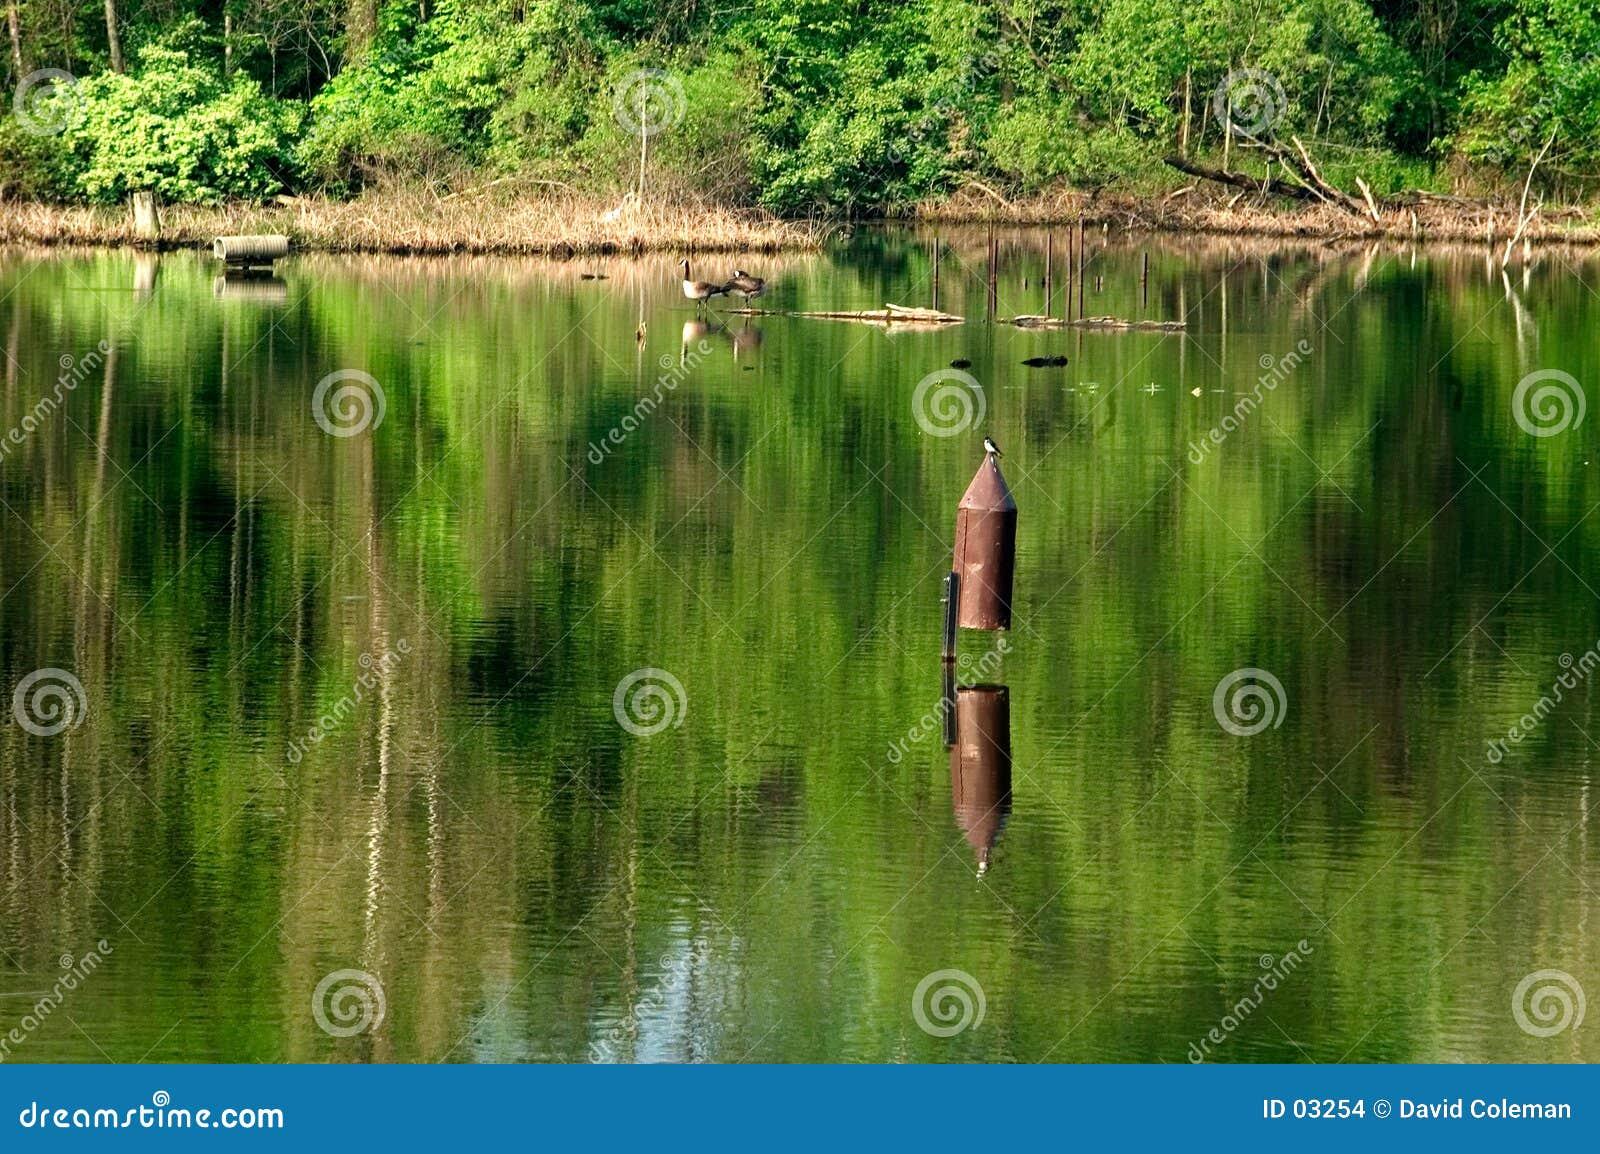 Birdhouse in lago